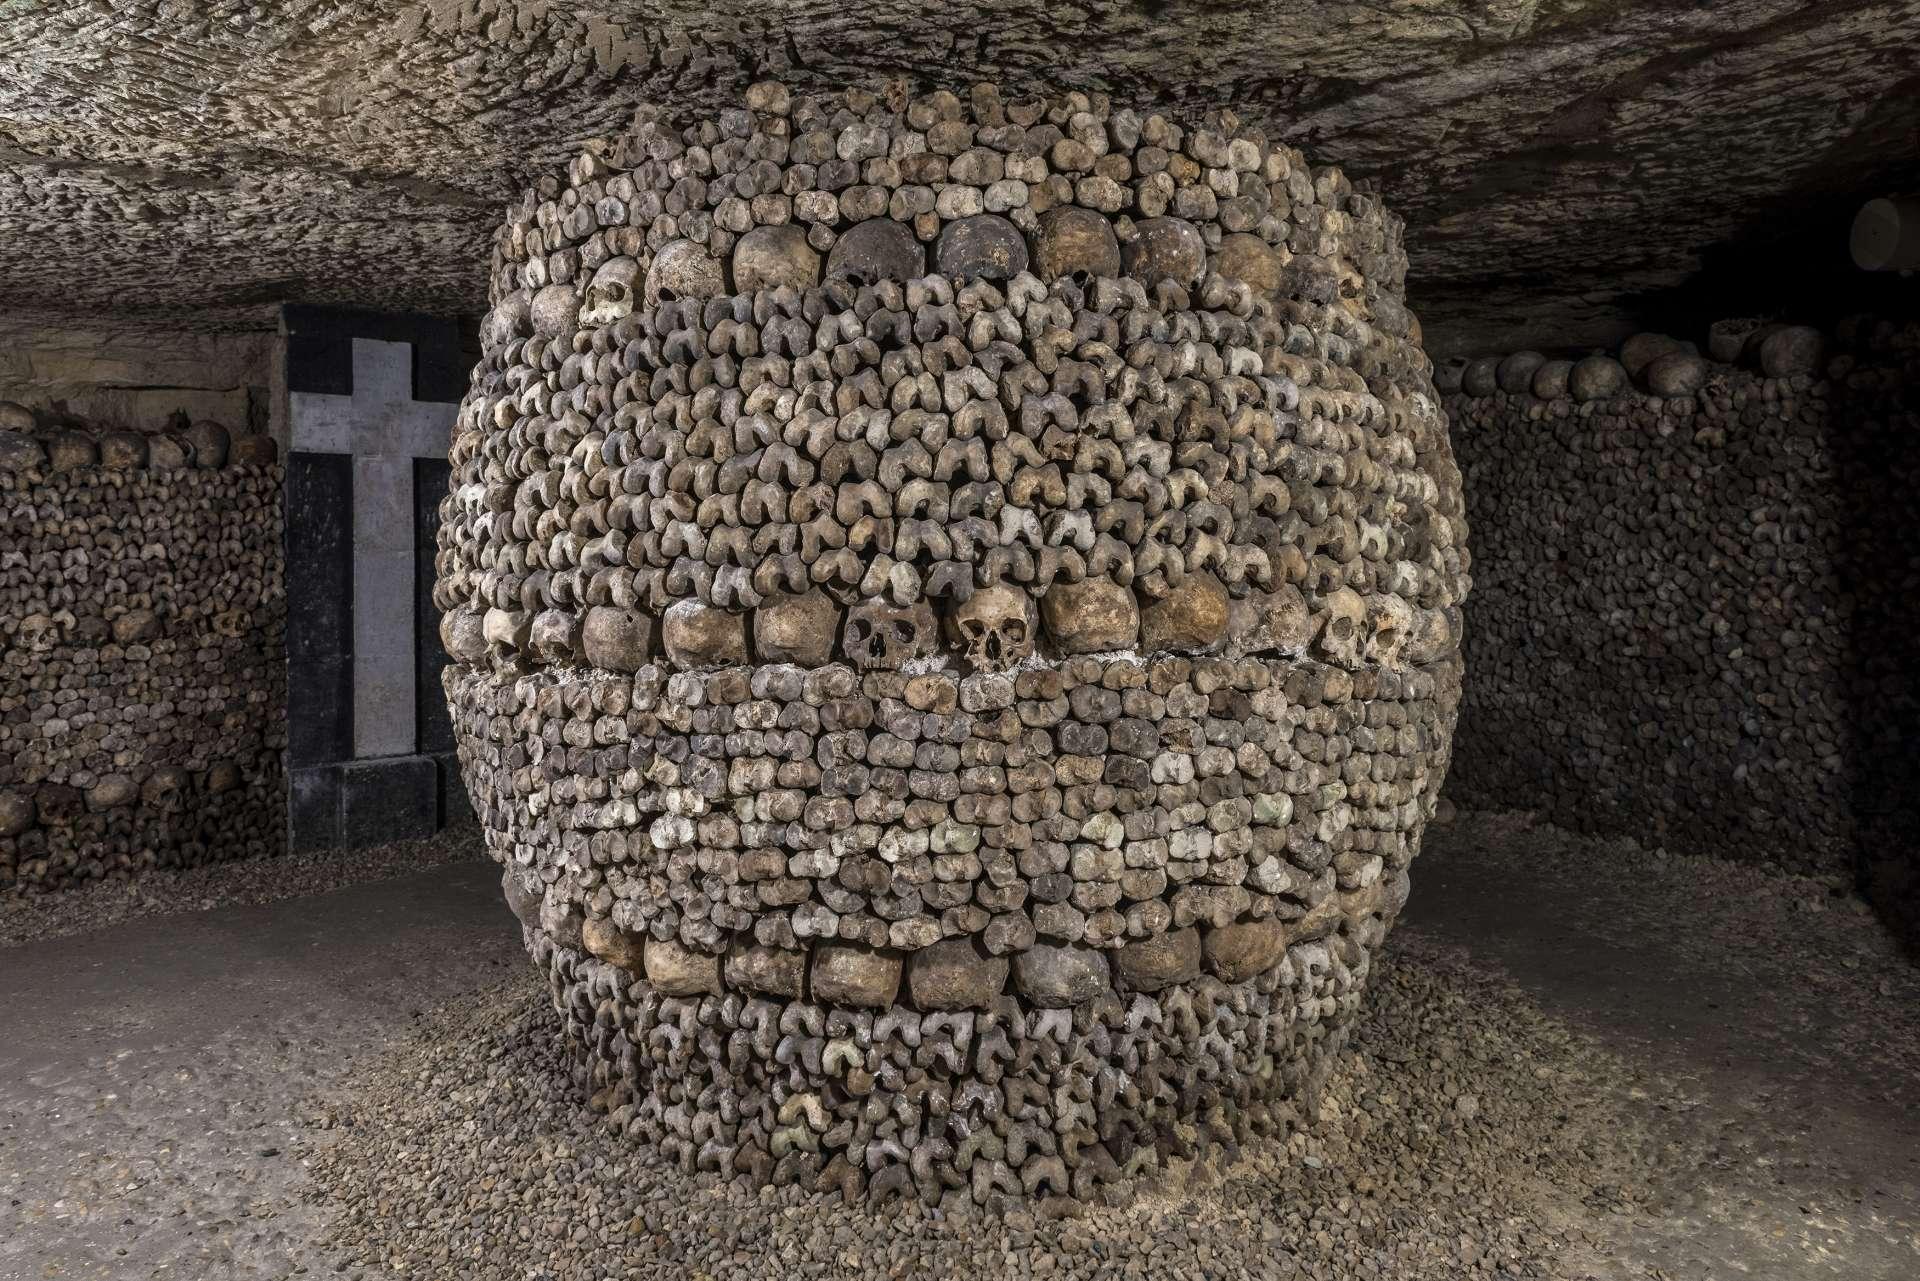 France - Paris - Catacombes - Dans la «crypte de la passion», le pilier de soutènement est masqué par un habillage de crânes et de tibias en forme de tonneau.